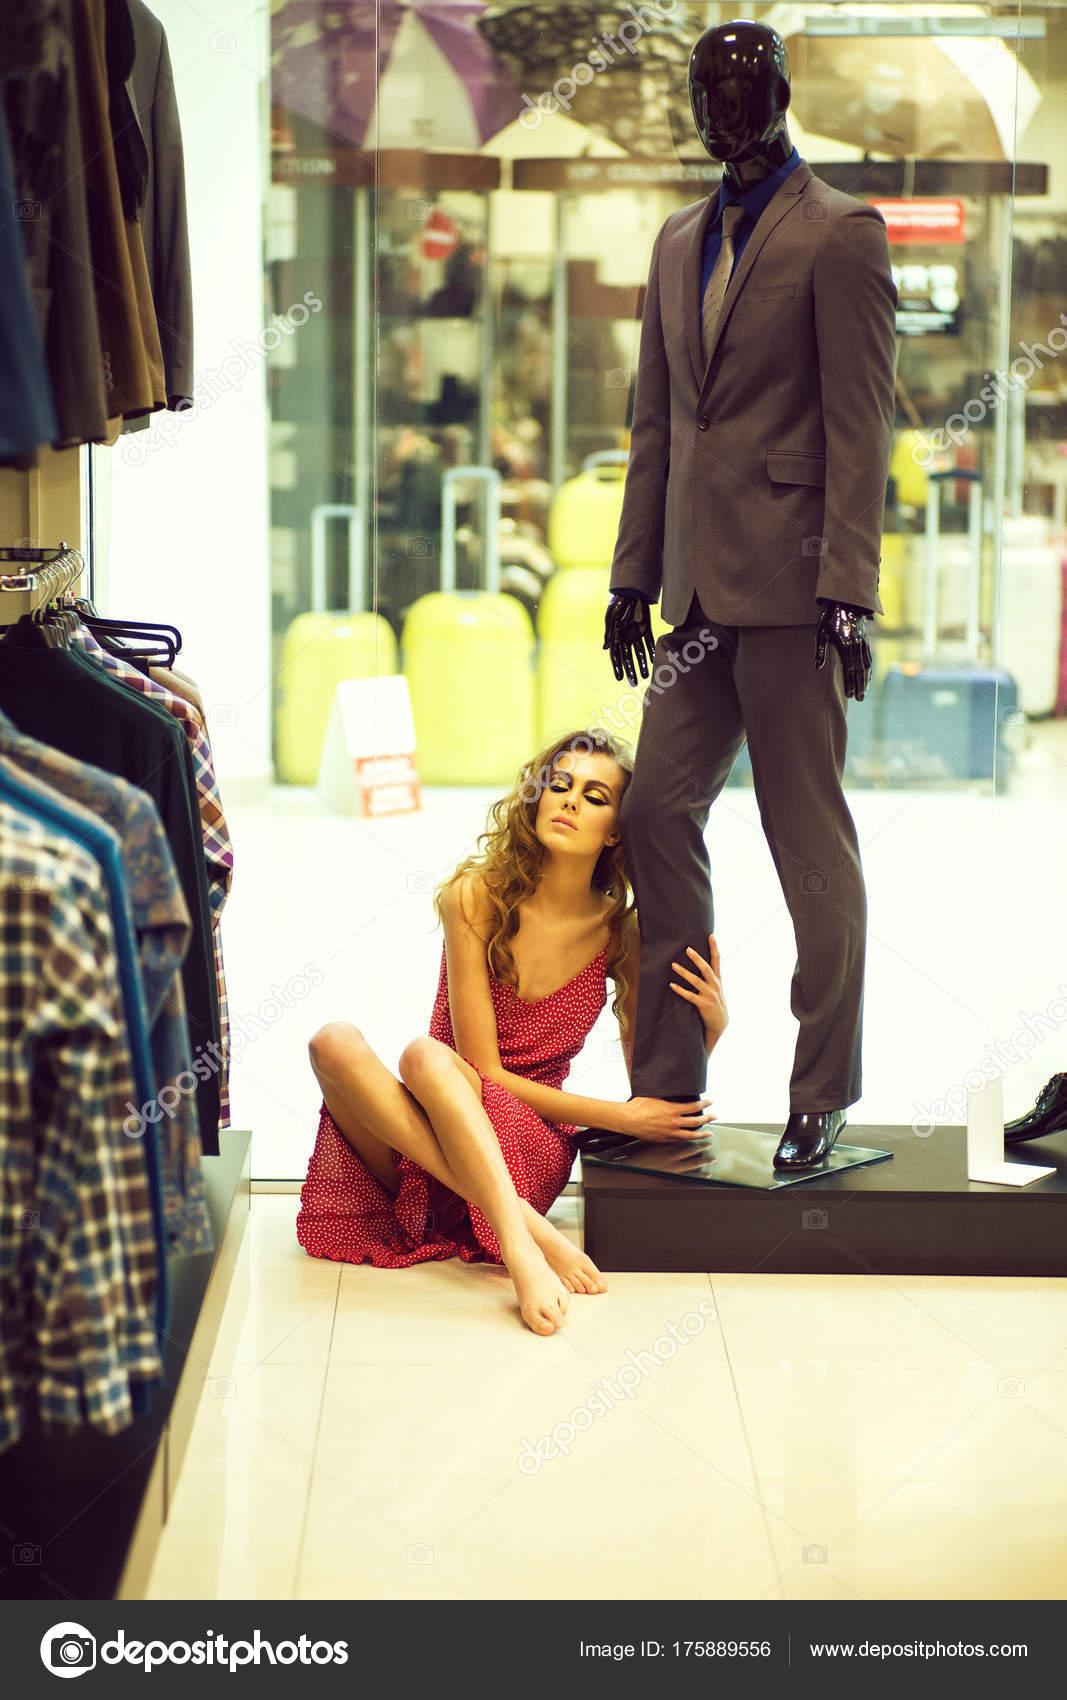 f040846f9 A csinos lány ül a férfi Próbababa boltban a padló — Stock Fotó ...